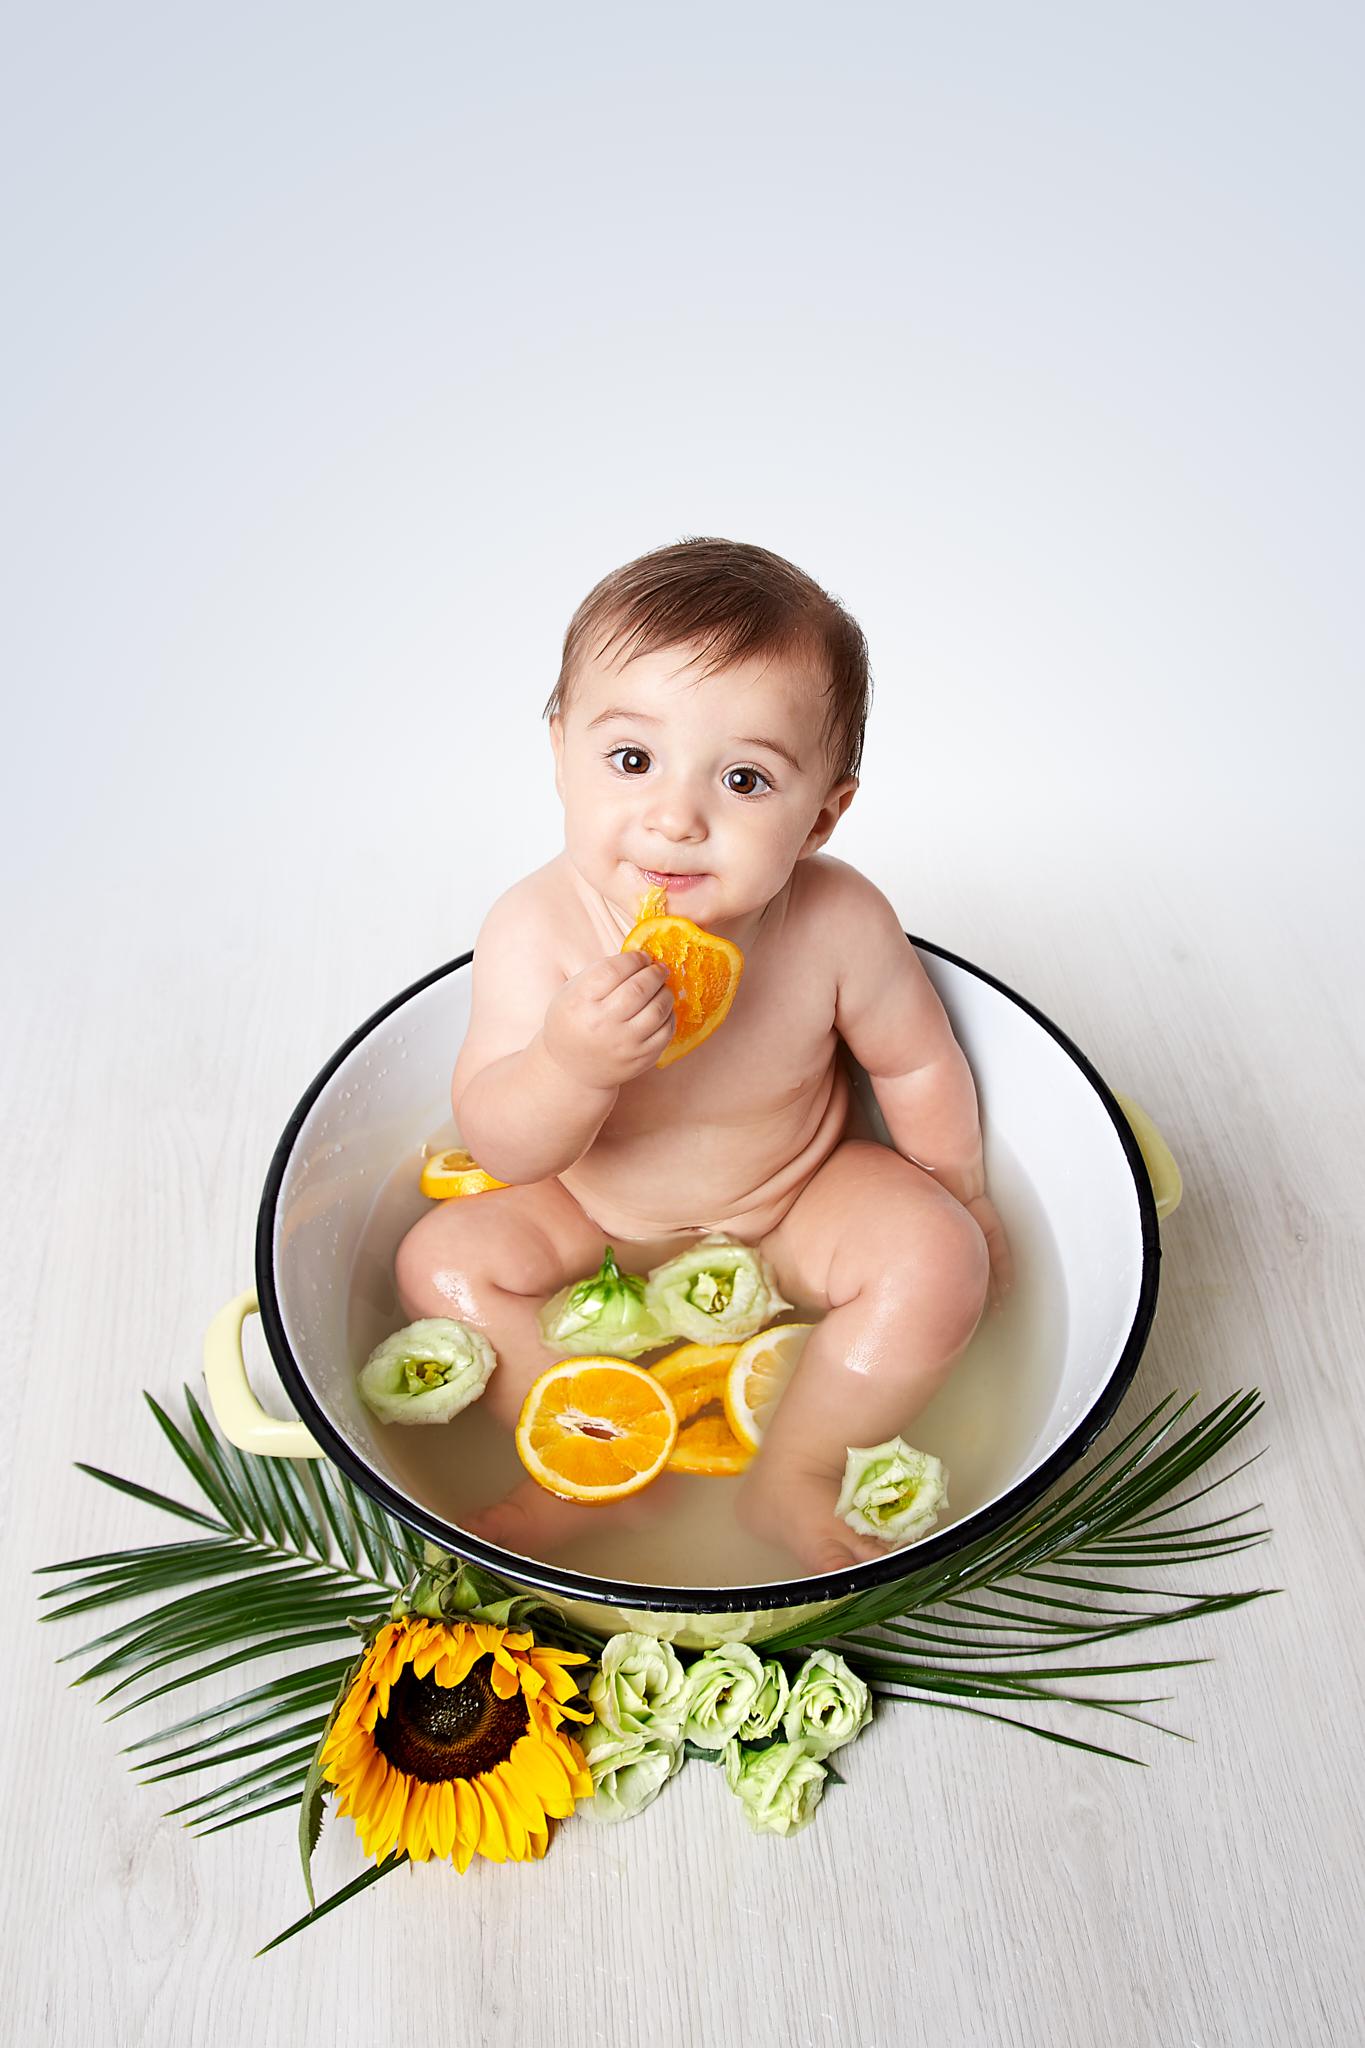 Copie de photo bain bébé grenoble